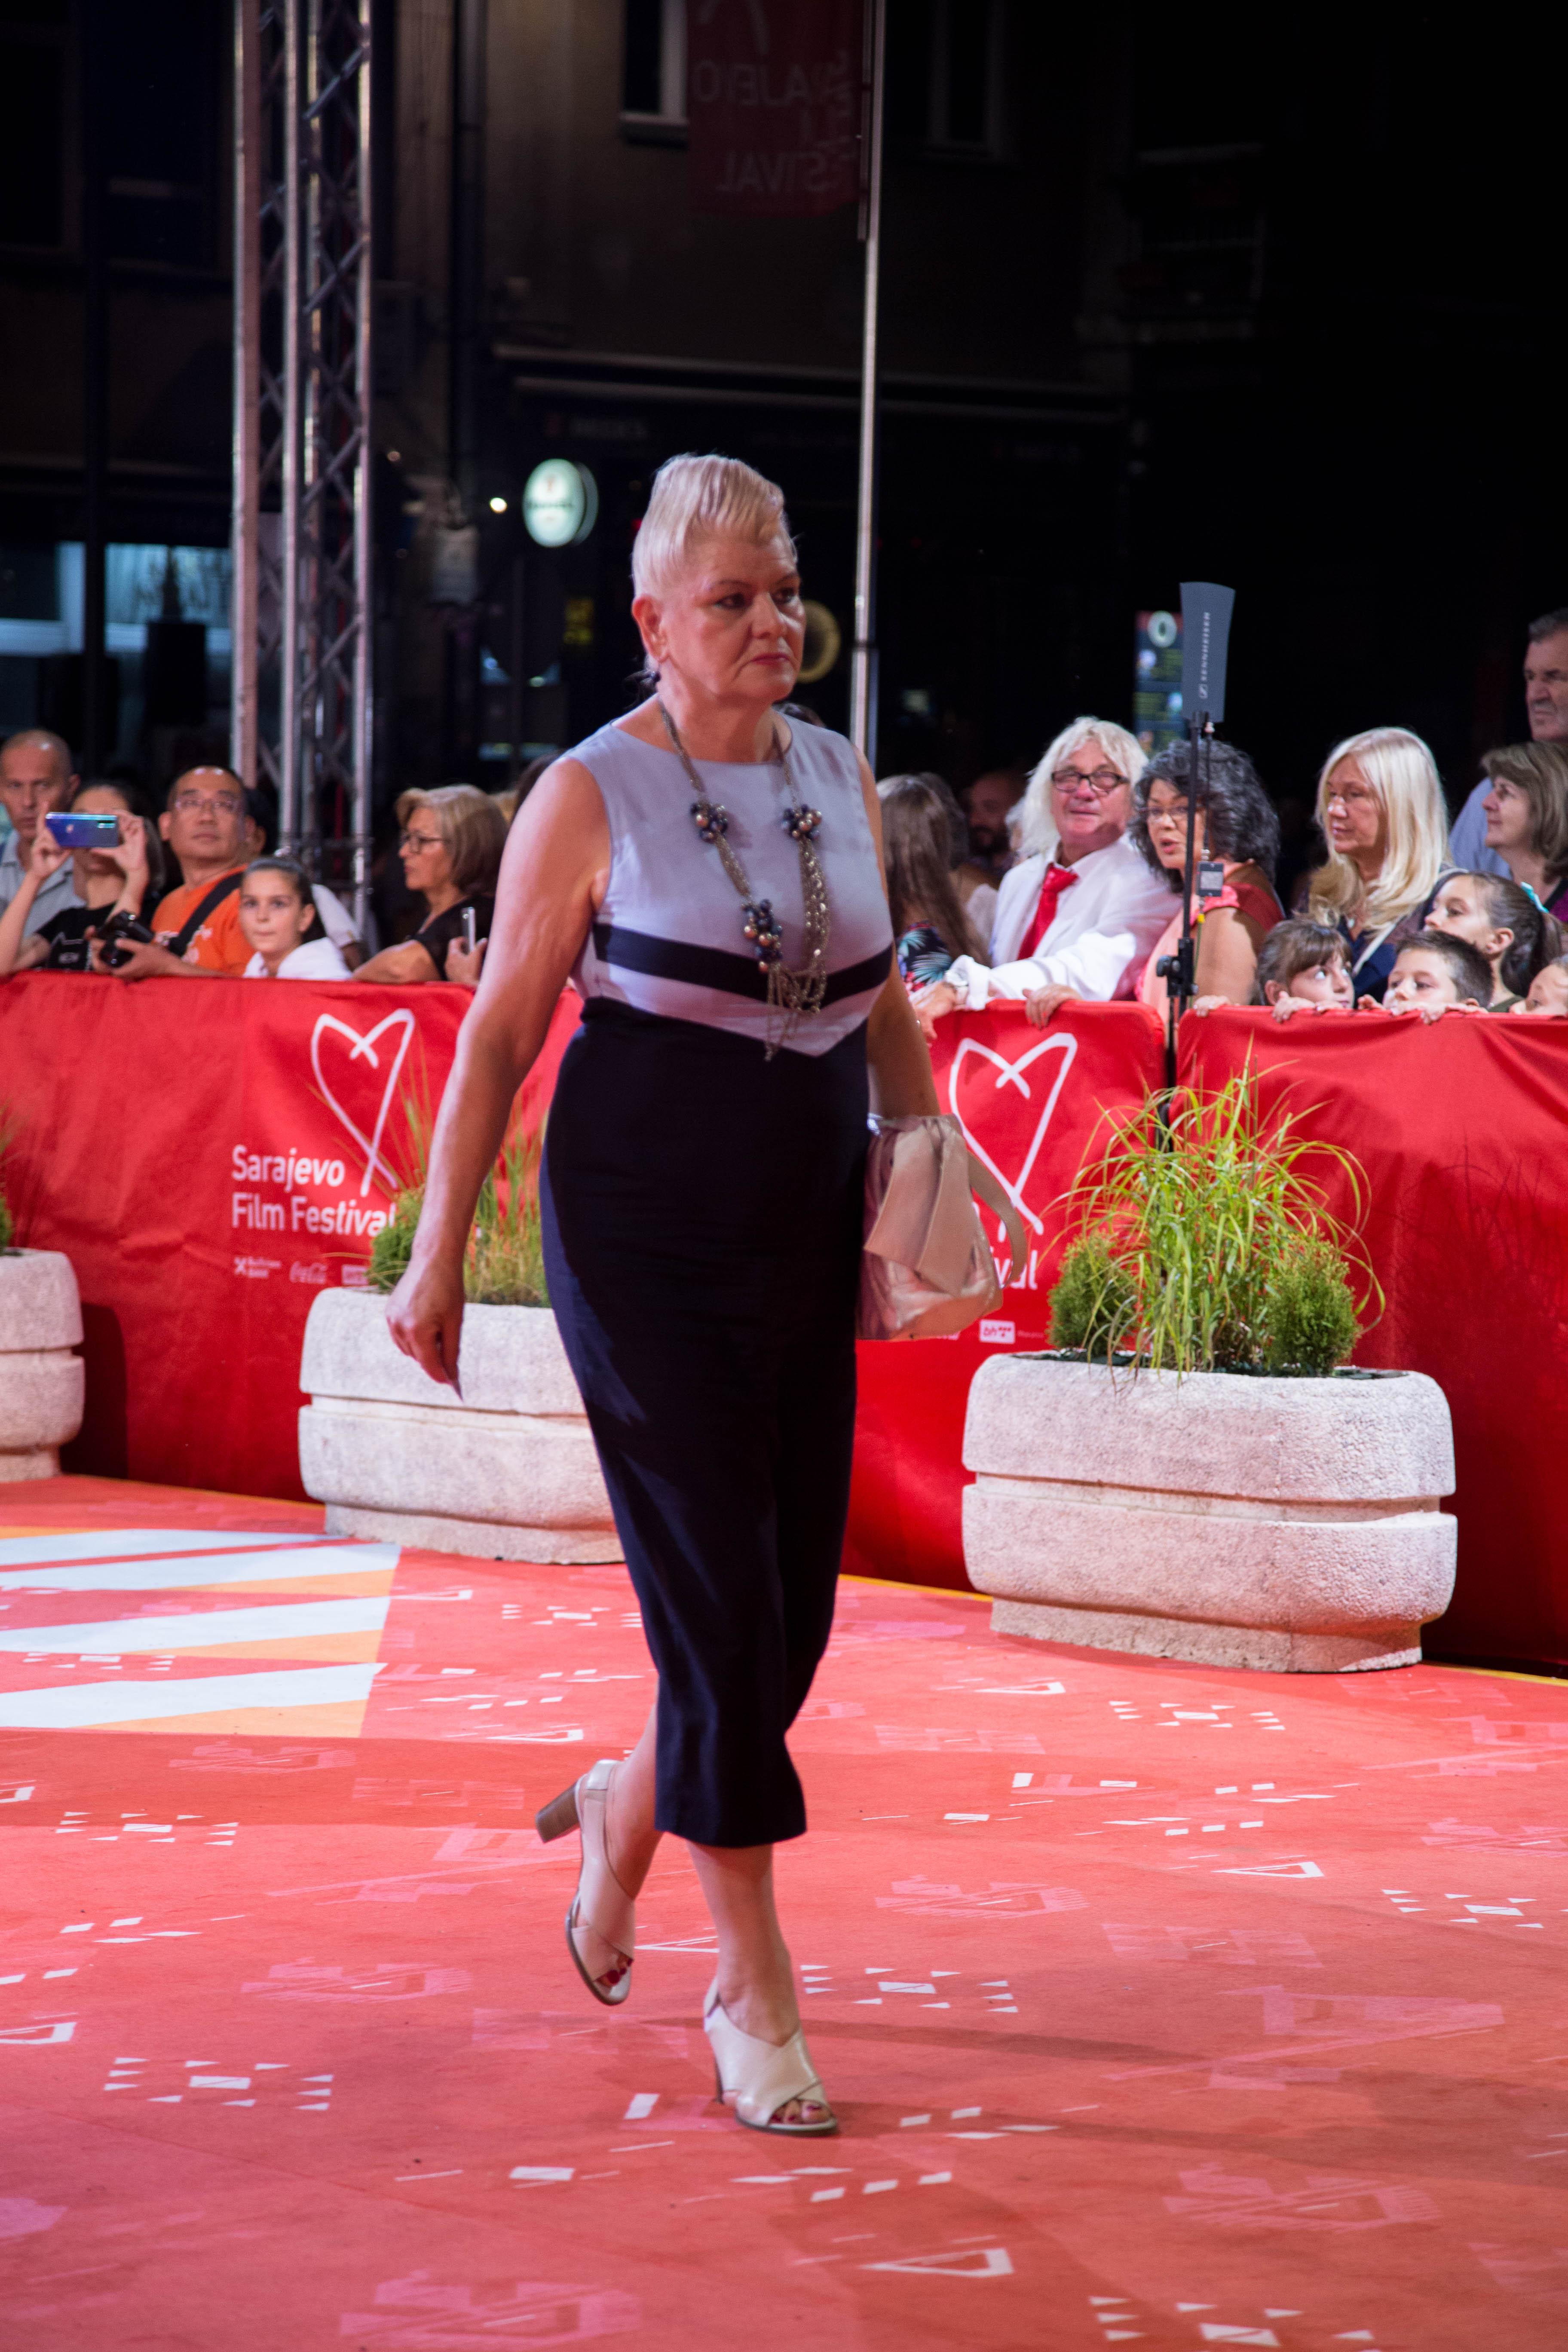 cetvrta noc sarajevo film festival senka catic (38)